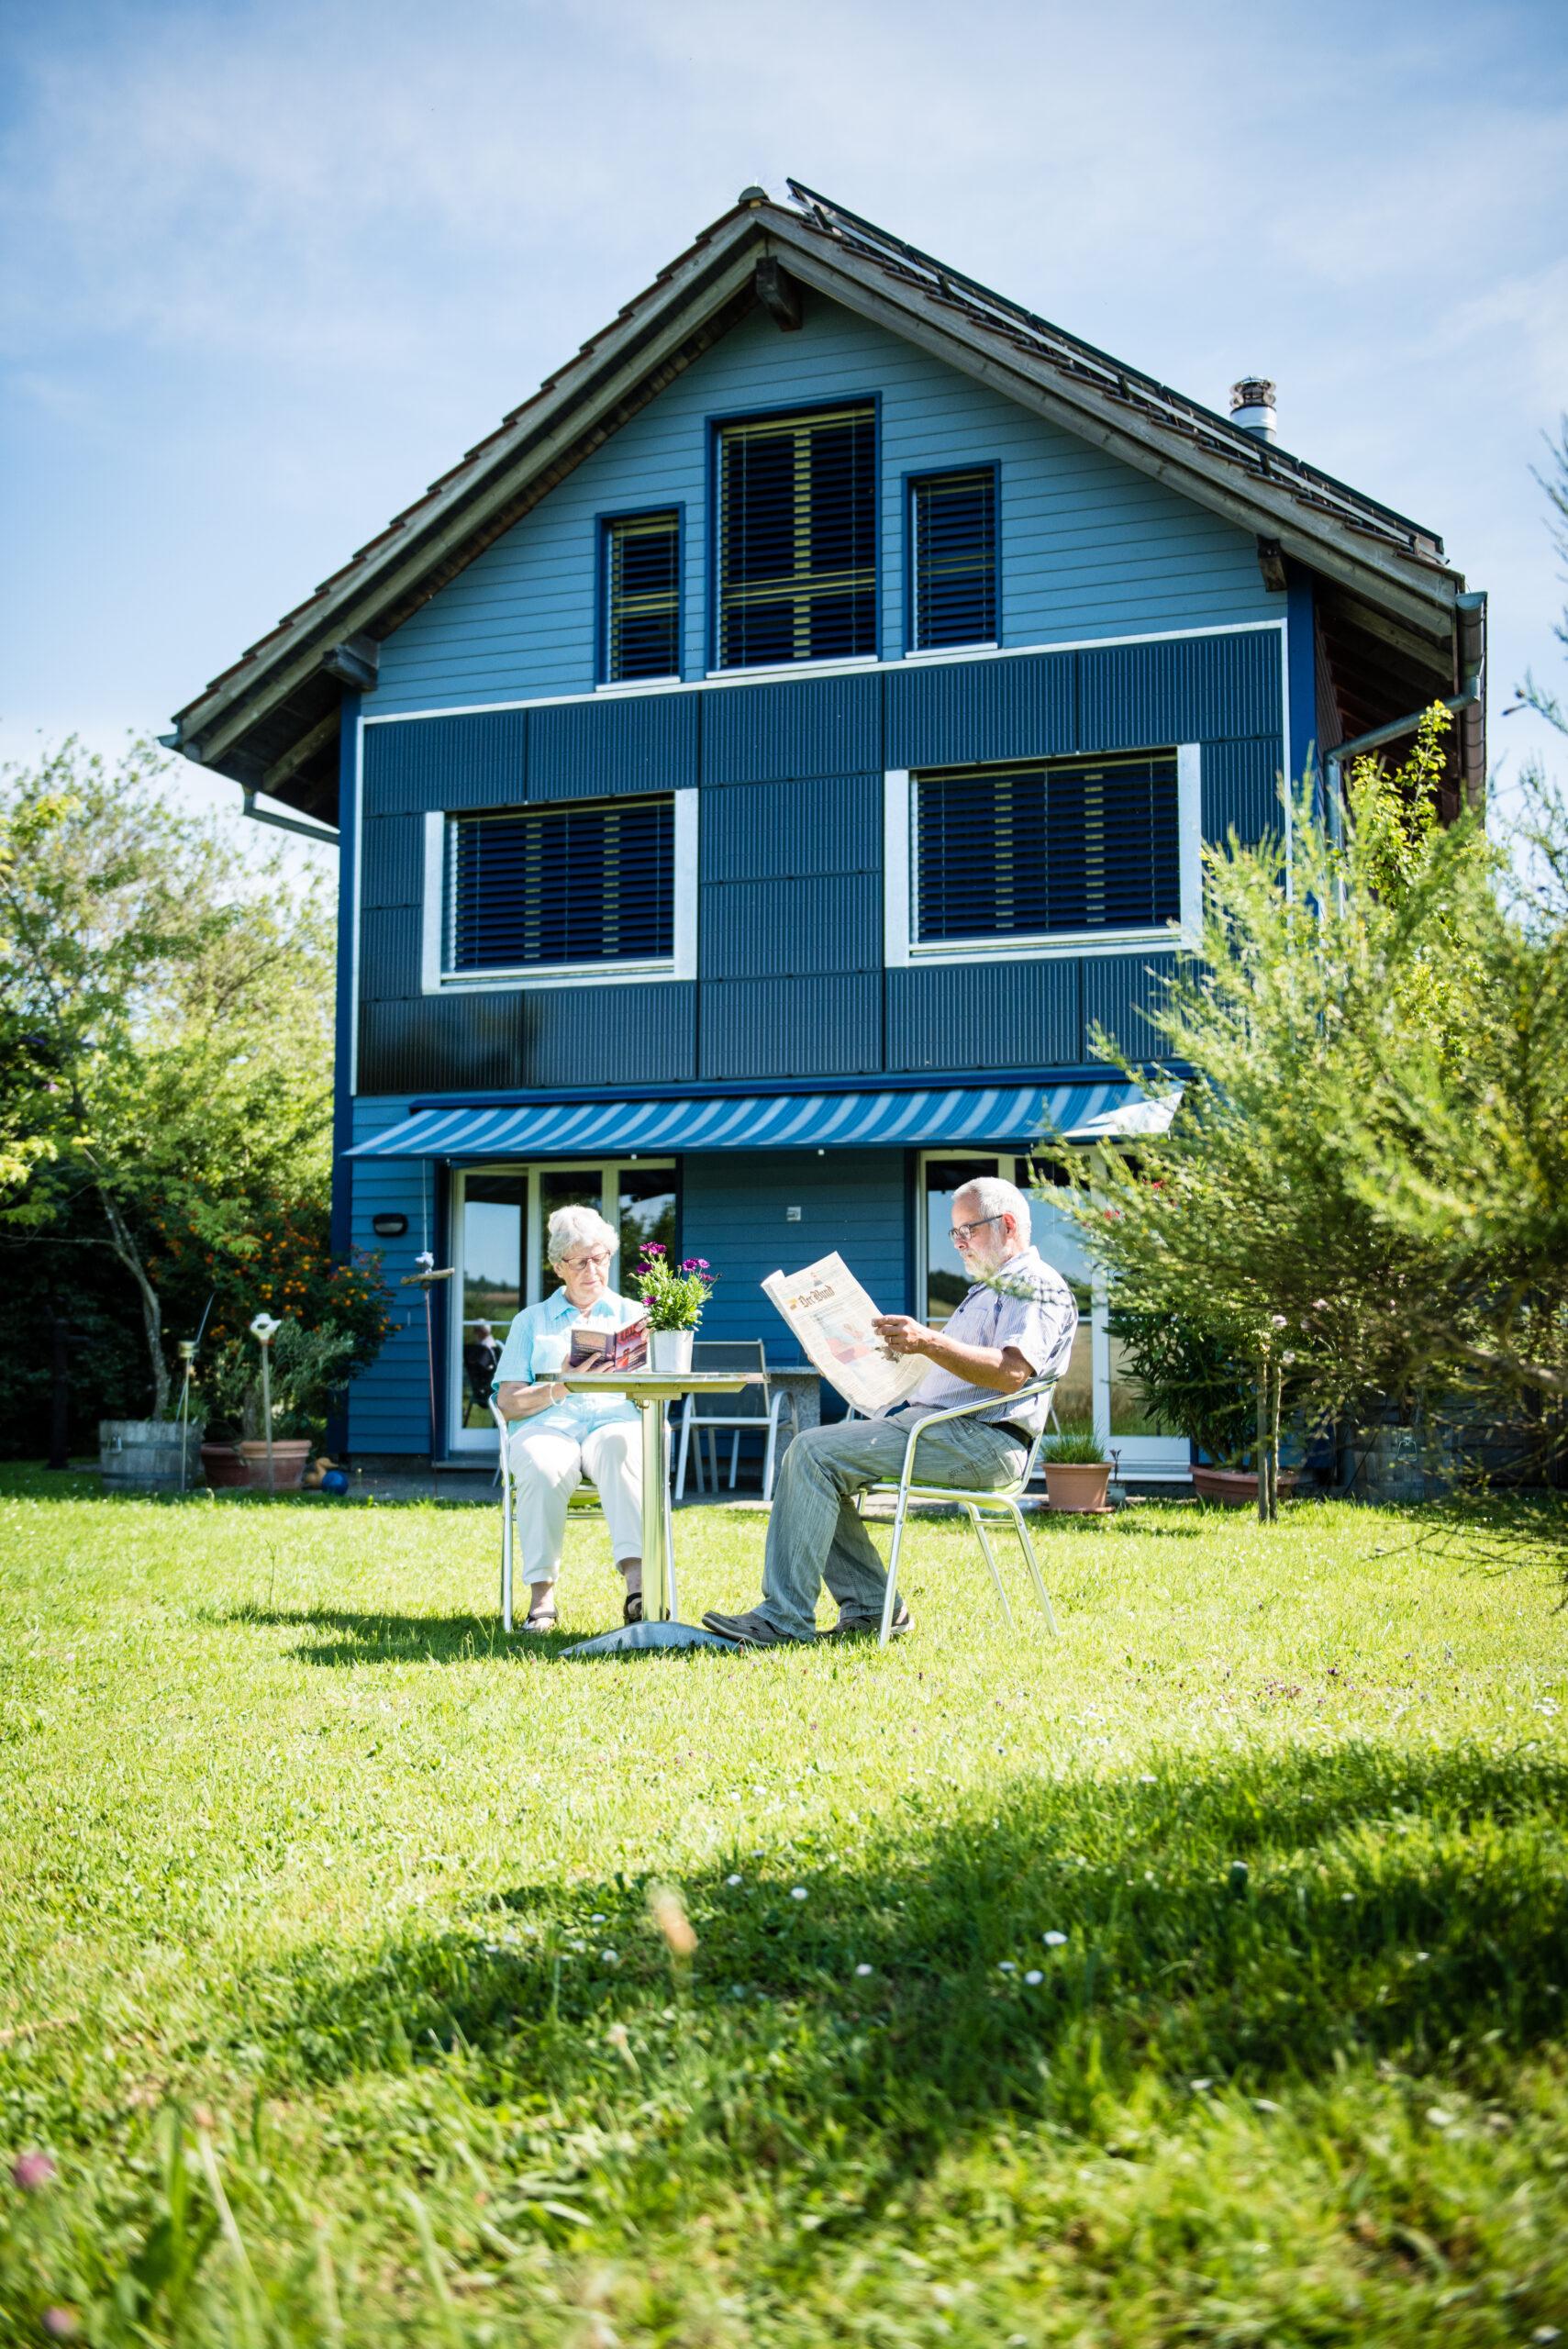 Ehepaar Rubin sitzen vor ihrem Blue House, das sowohl auf dem Dach wie auch an der Fassade eine PV-Anlage hat